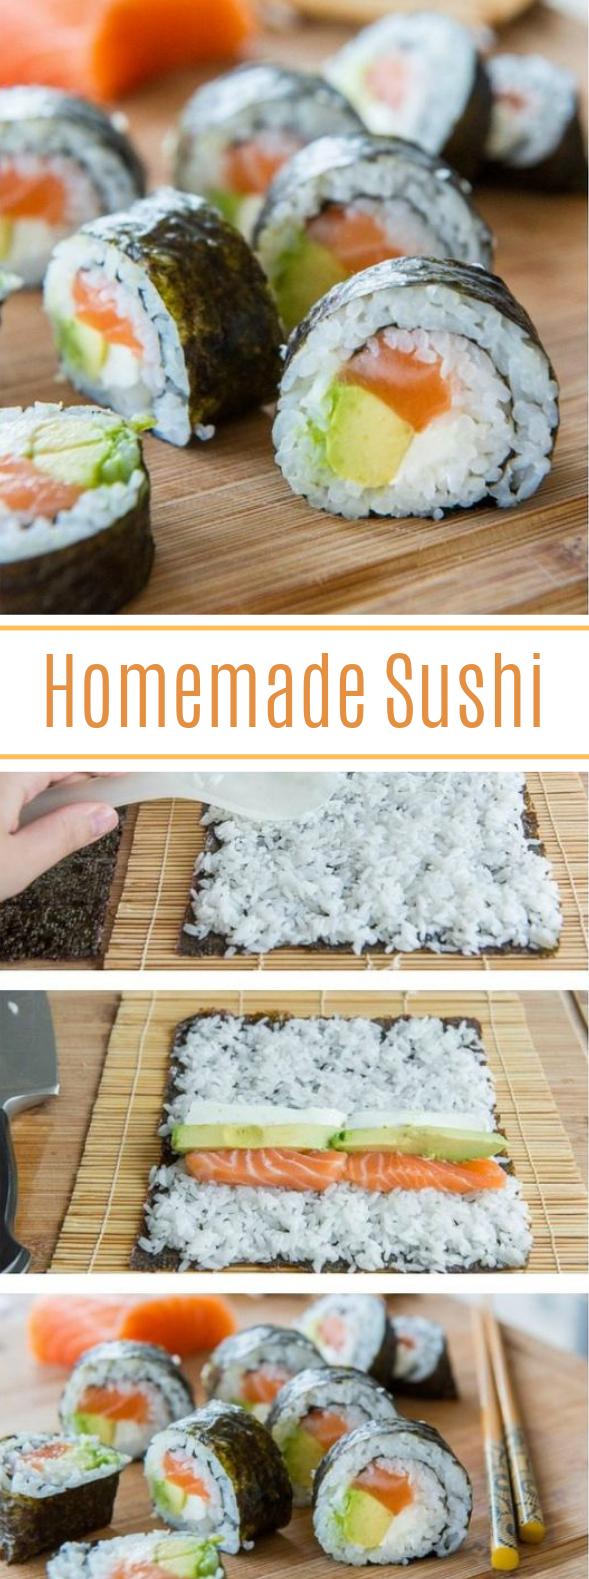 Homemade Sushi #japanese #dinner